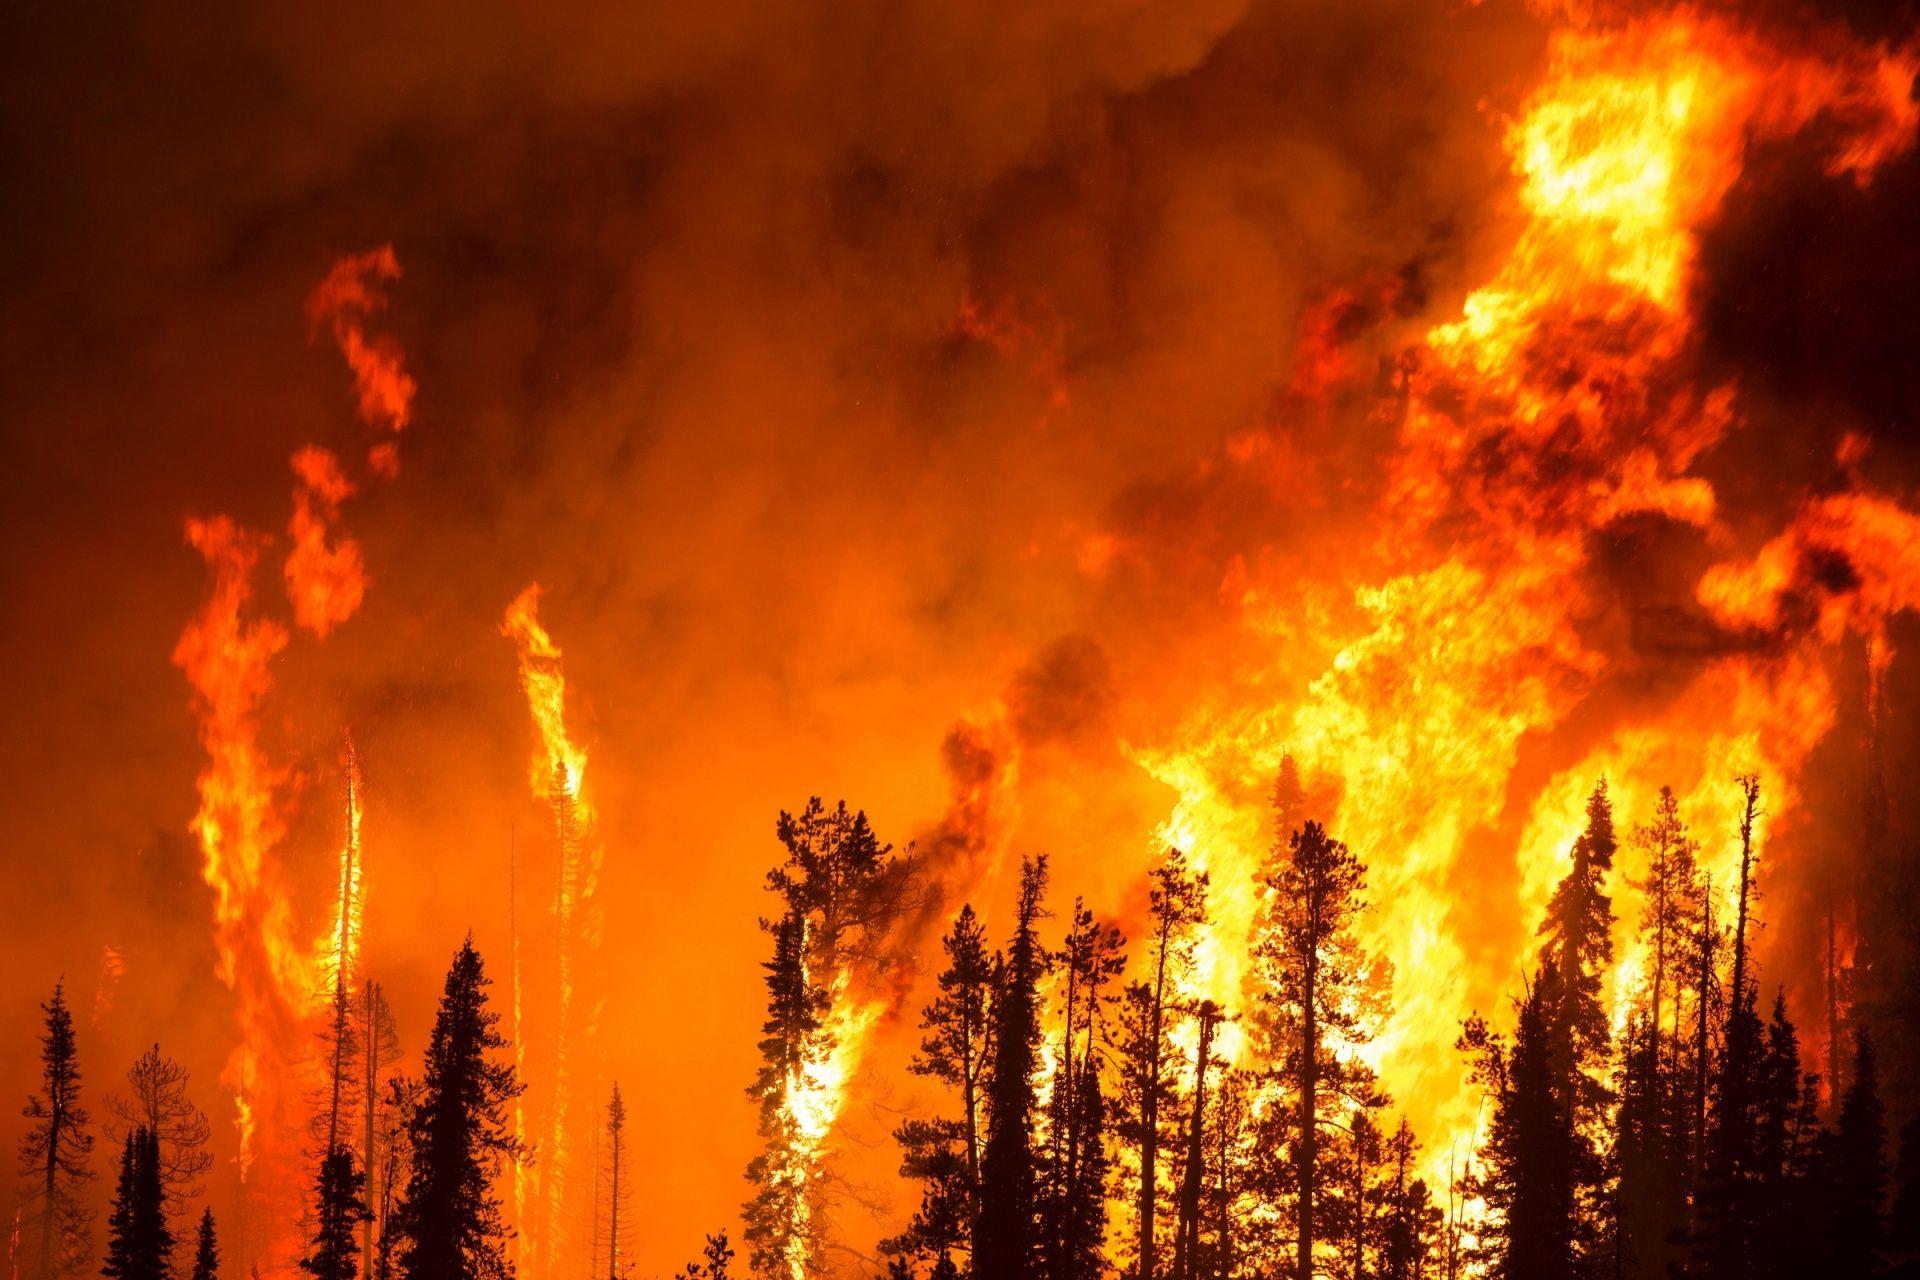 Лесной пожар, лицензия: CC0 1.0